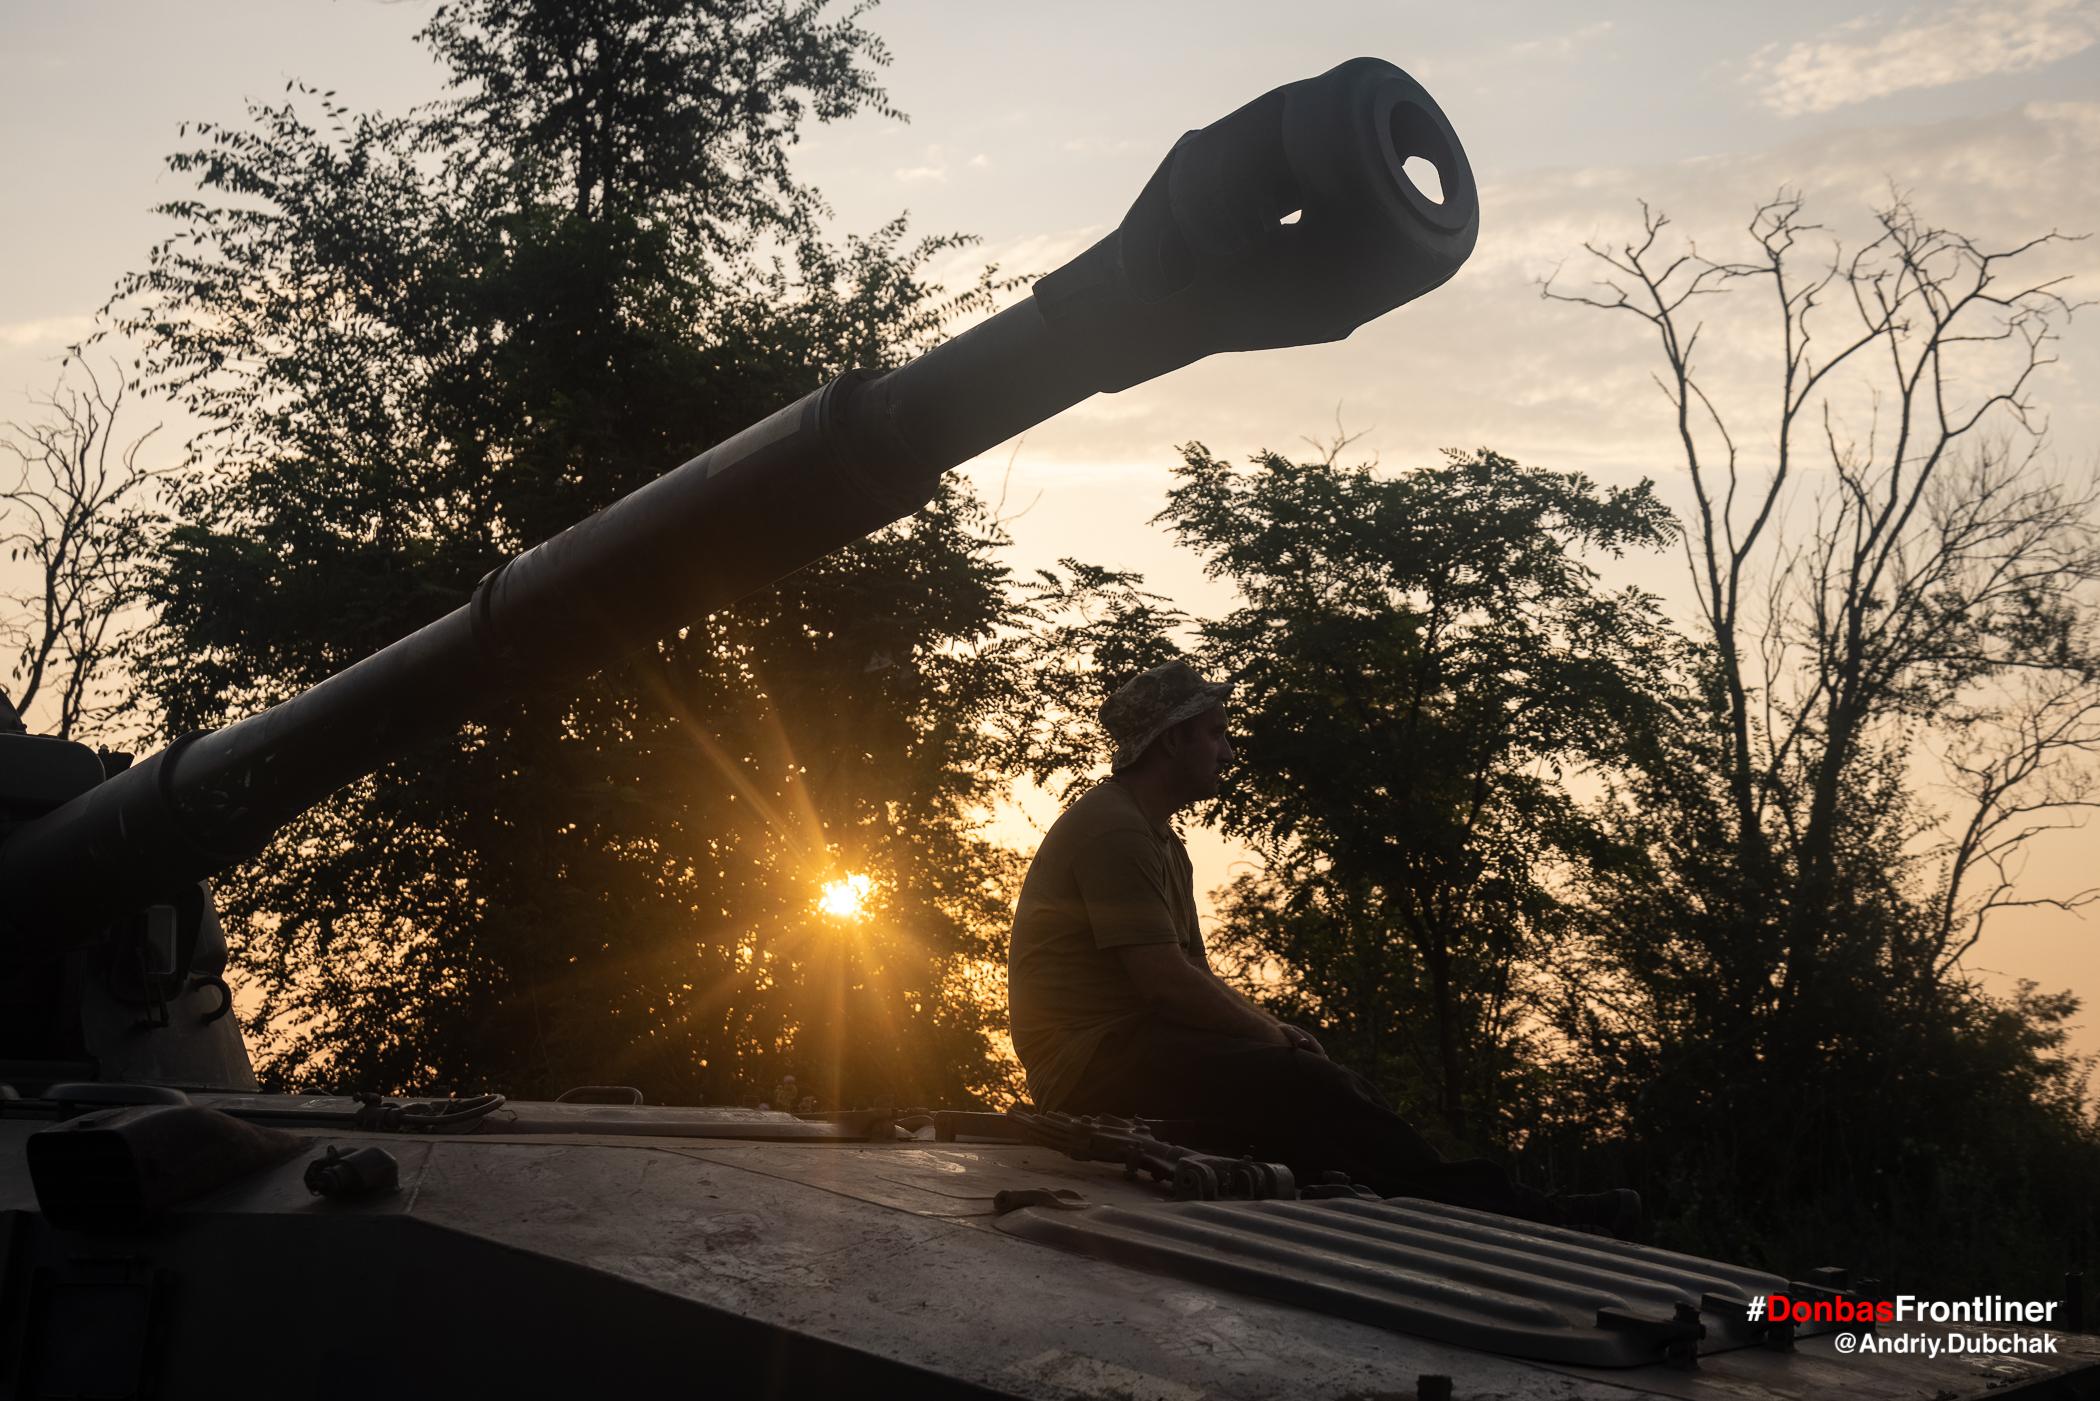 Схід сонця та ствол САУ. Бойове тренування 503-го батальйону морської піхоти на Приазов'ї, липень 2021 року